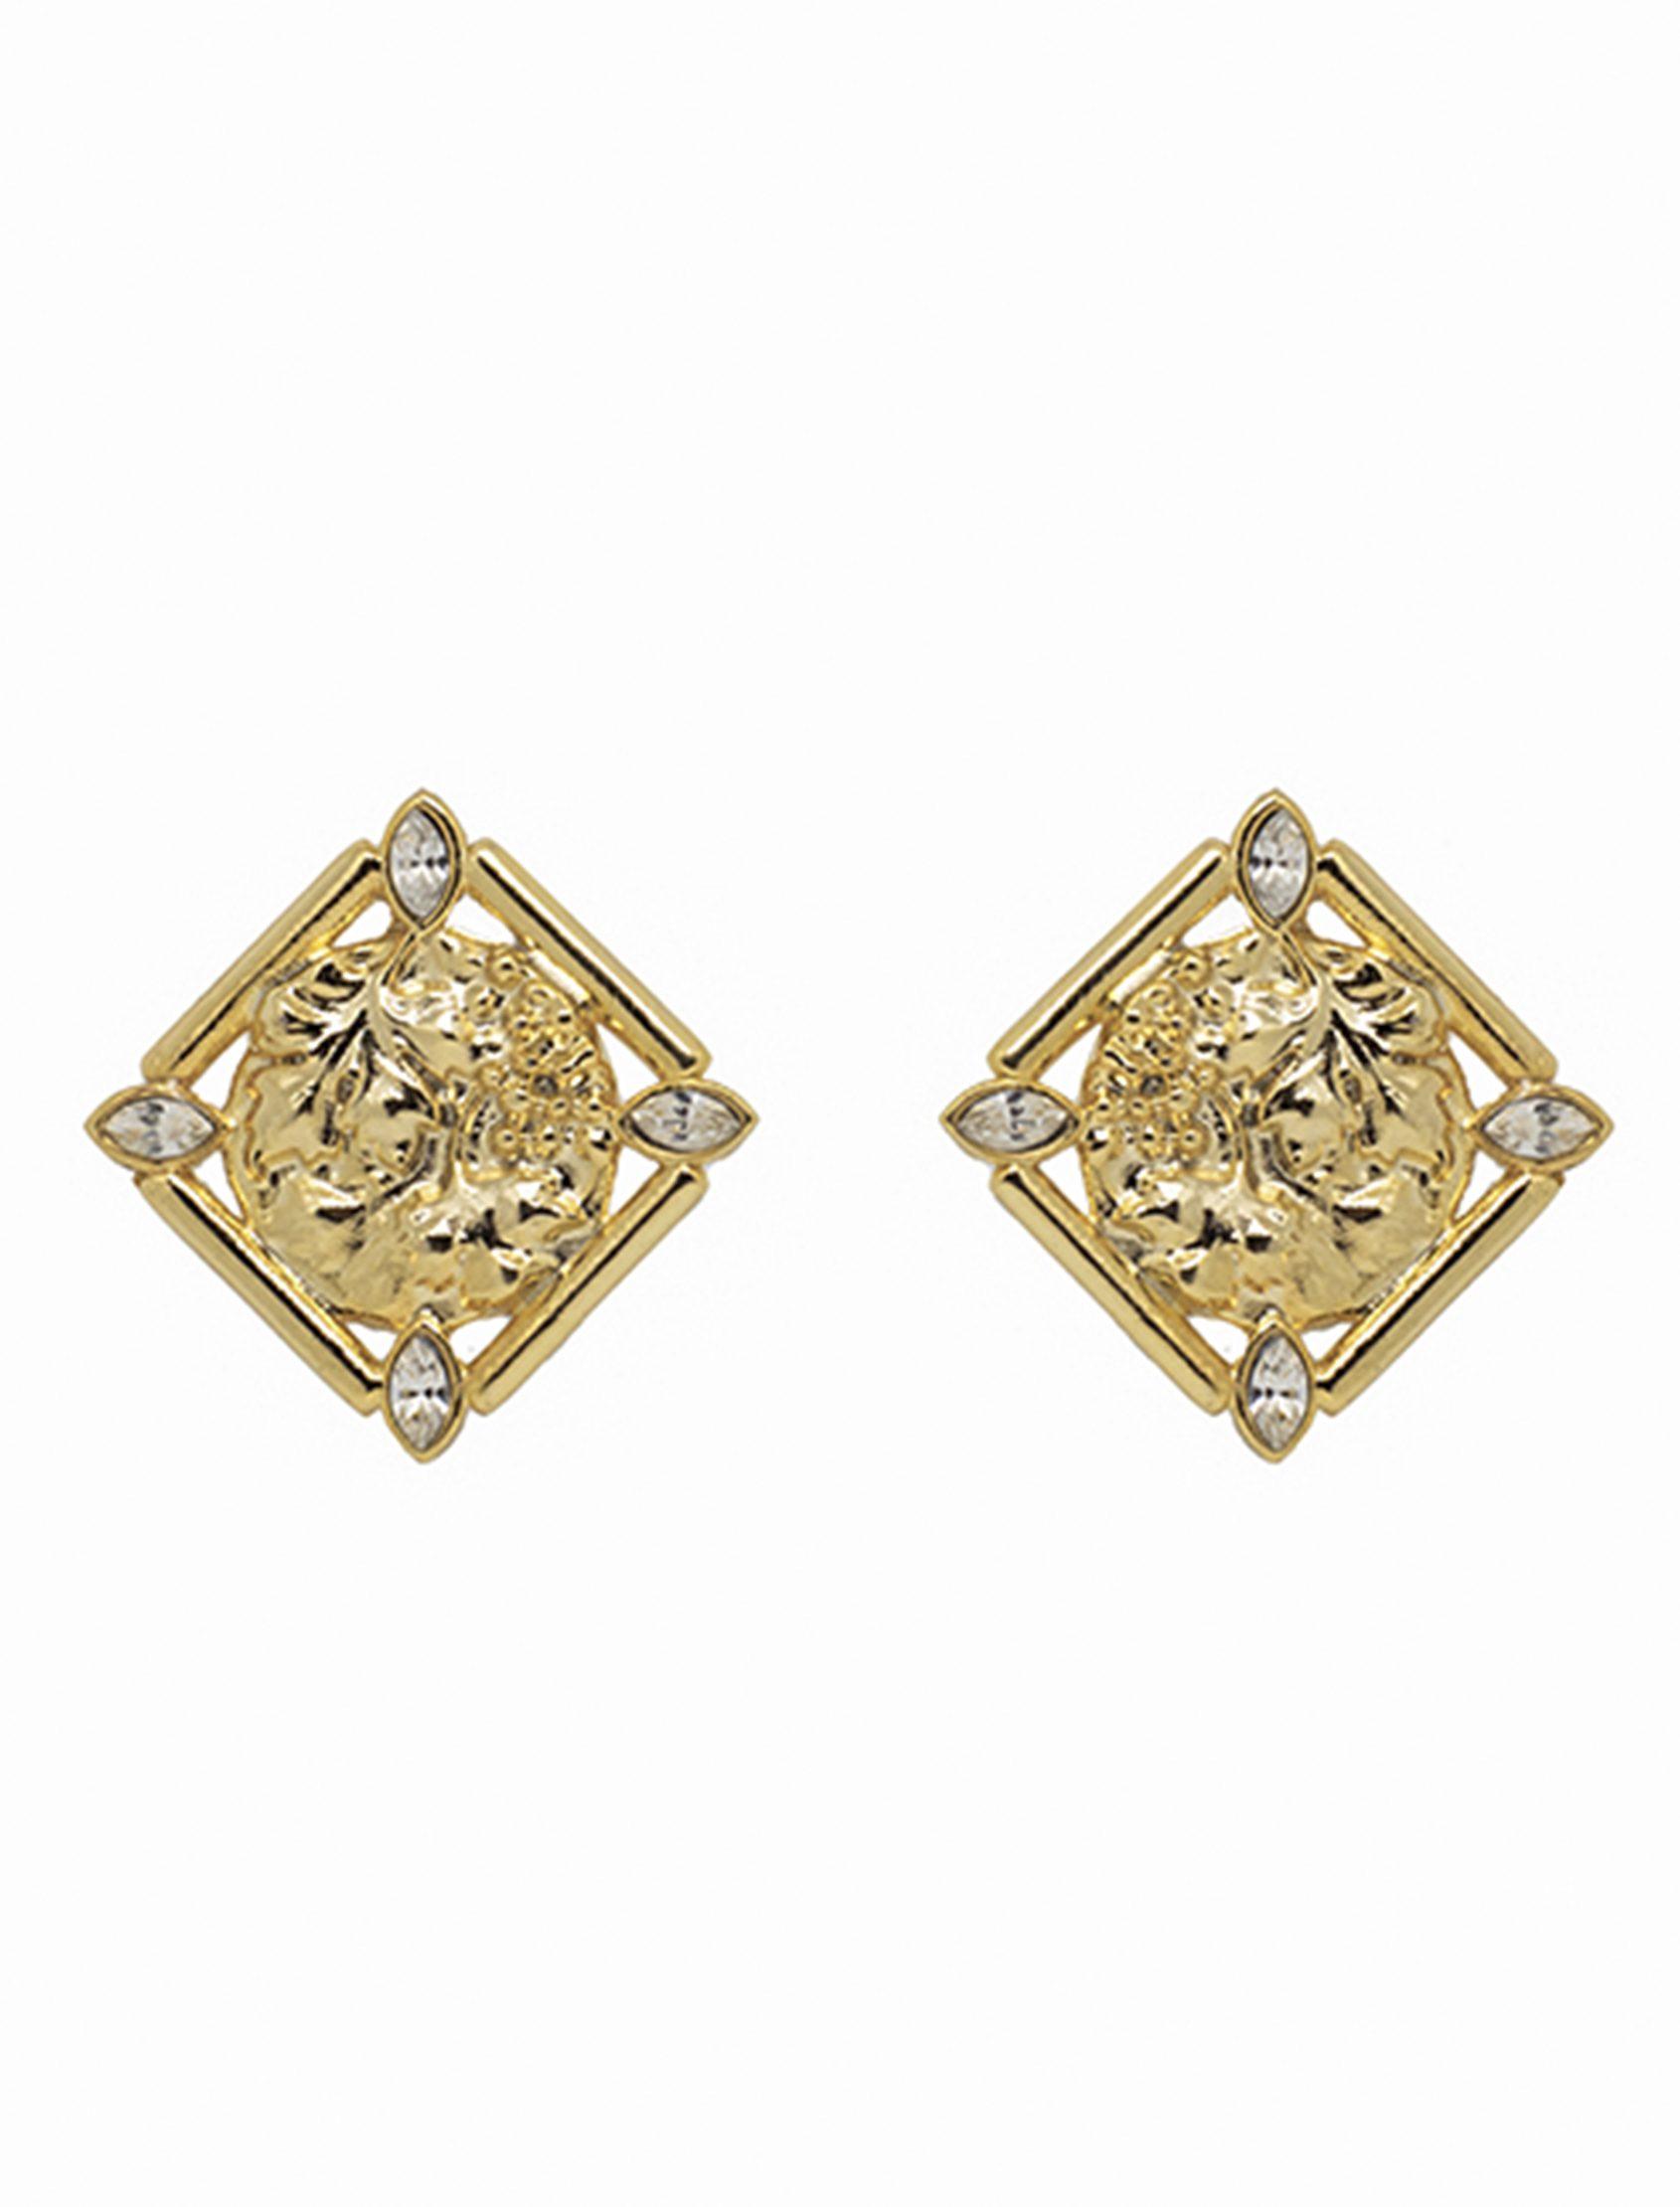 pendientes versalles de formato cuadrado con acabado de oro